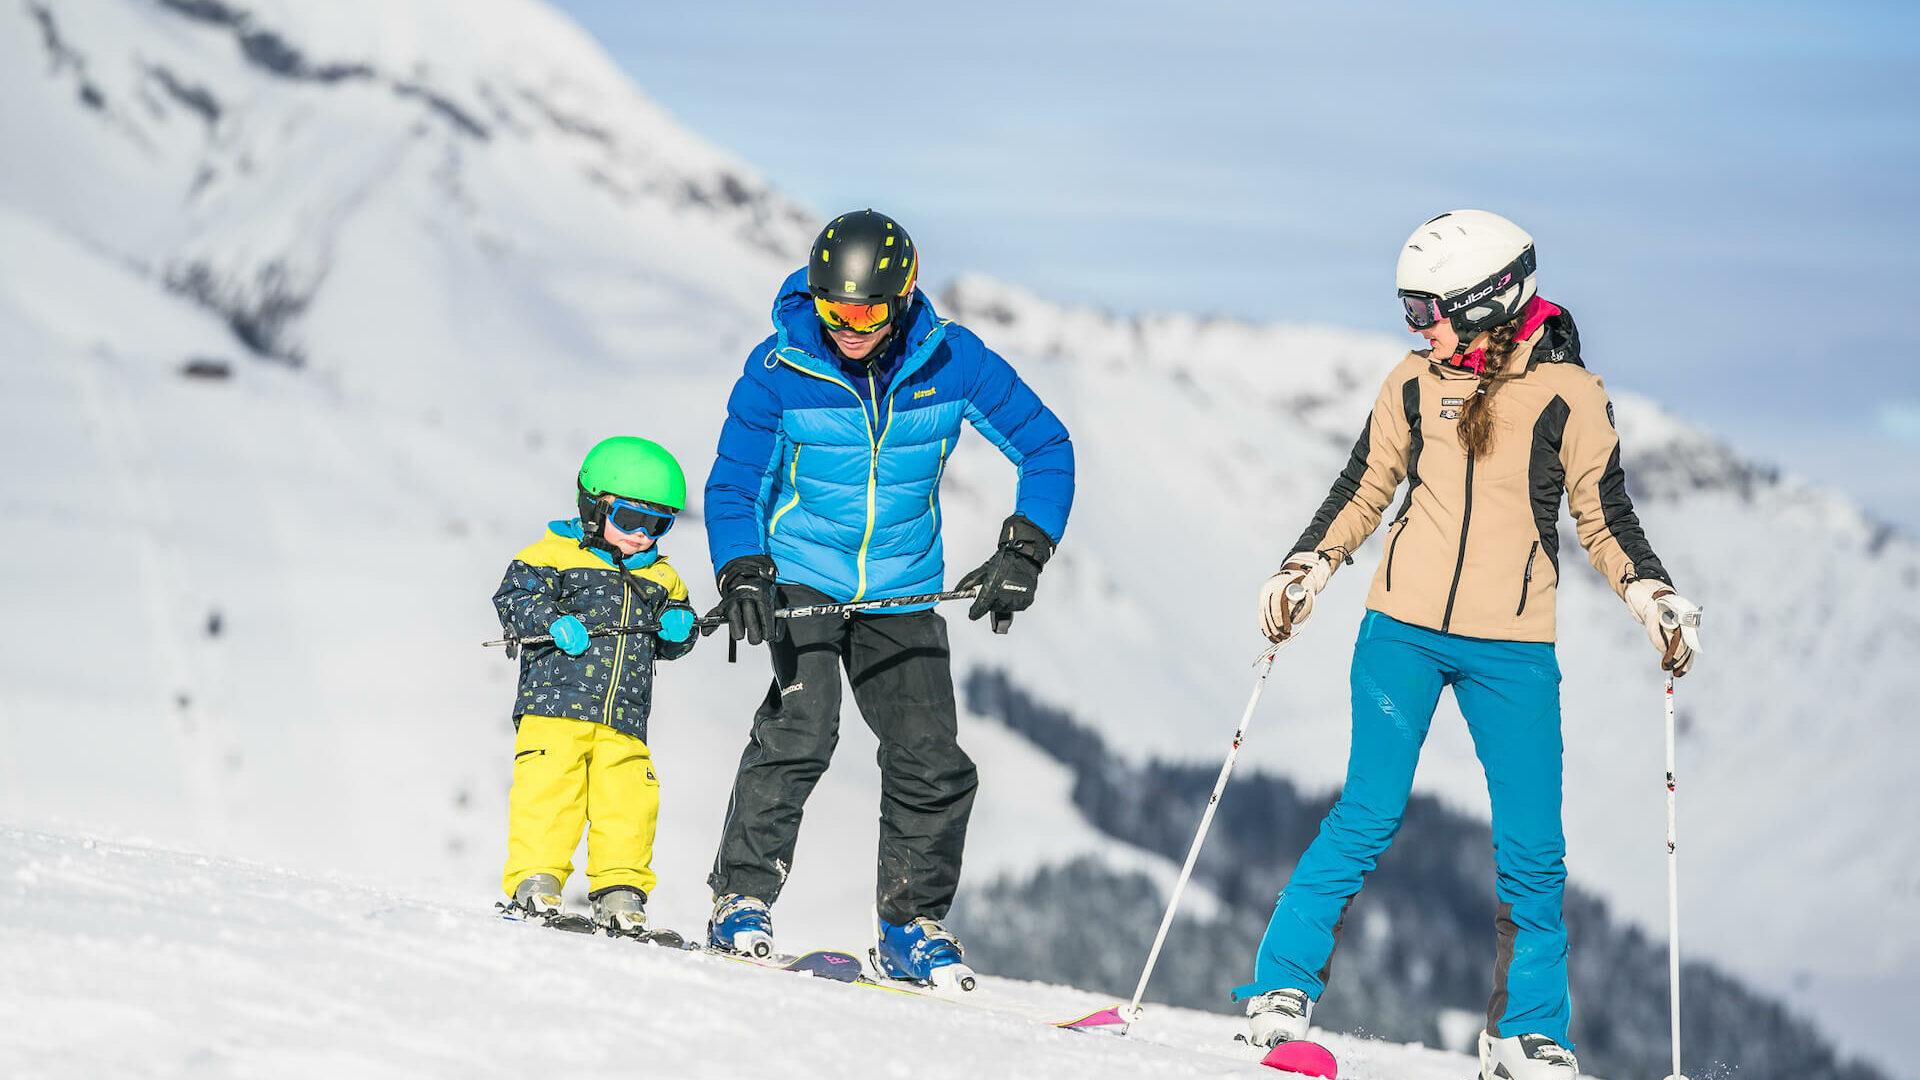 Famille en ski avec parents qui apprennent à leur enfant à skier